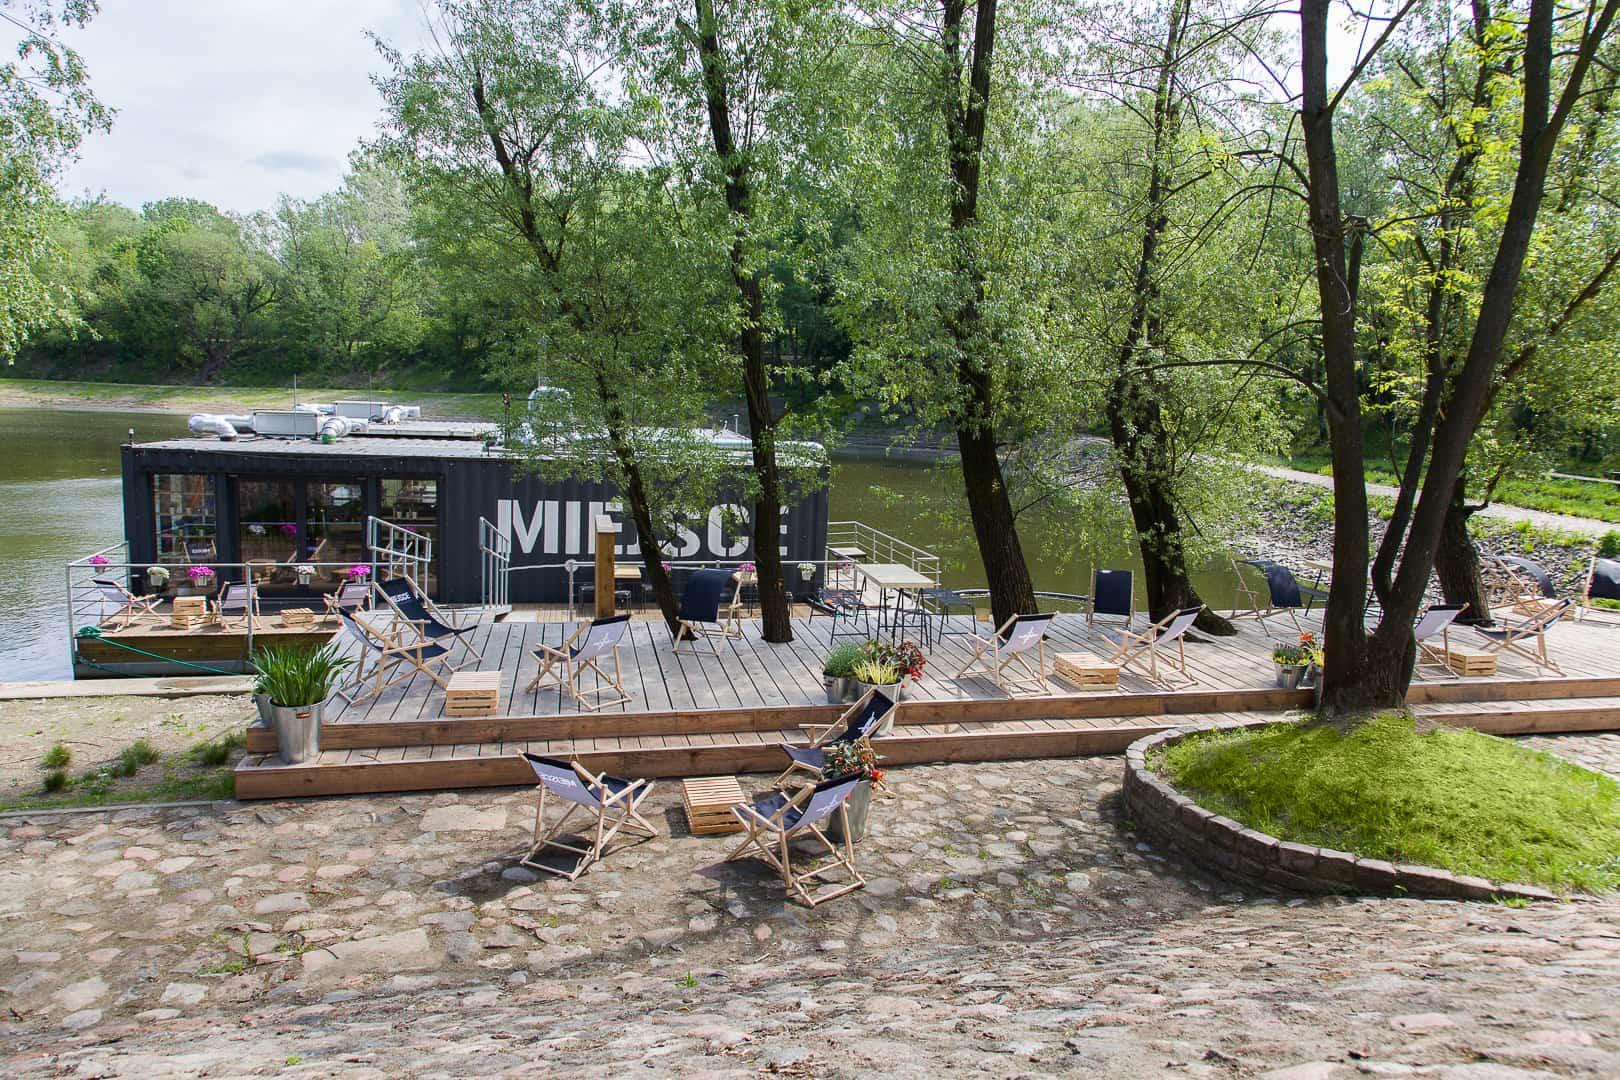 Miejsce miejsce-port-czerniakowski-015